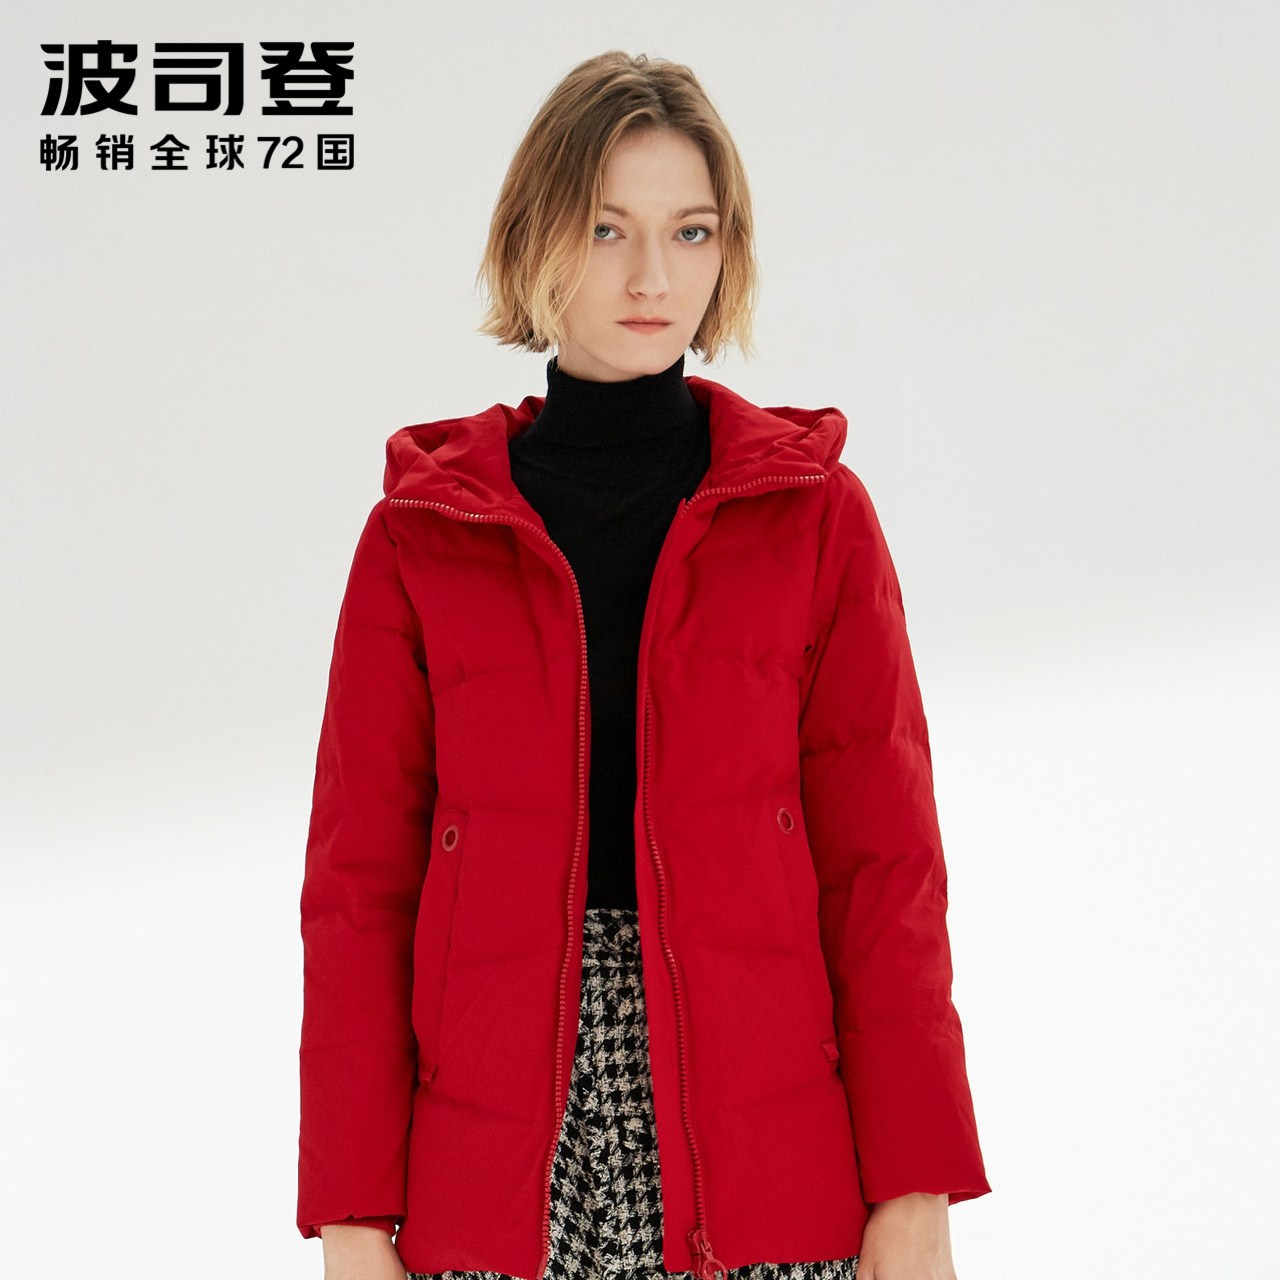 숏패딩 여성용 짧은타입 2019겨울 신상품 후드패딩 보온 두툼한 외투 B90141016